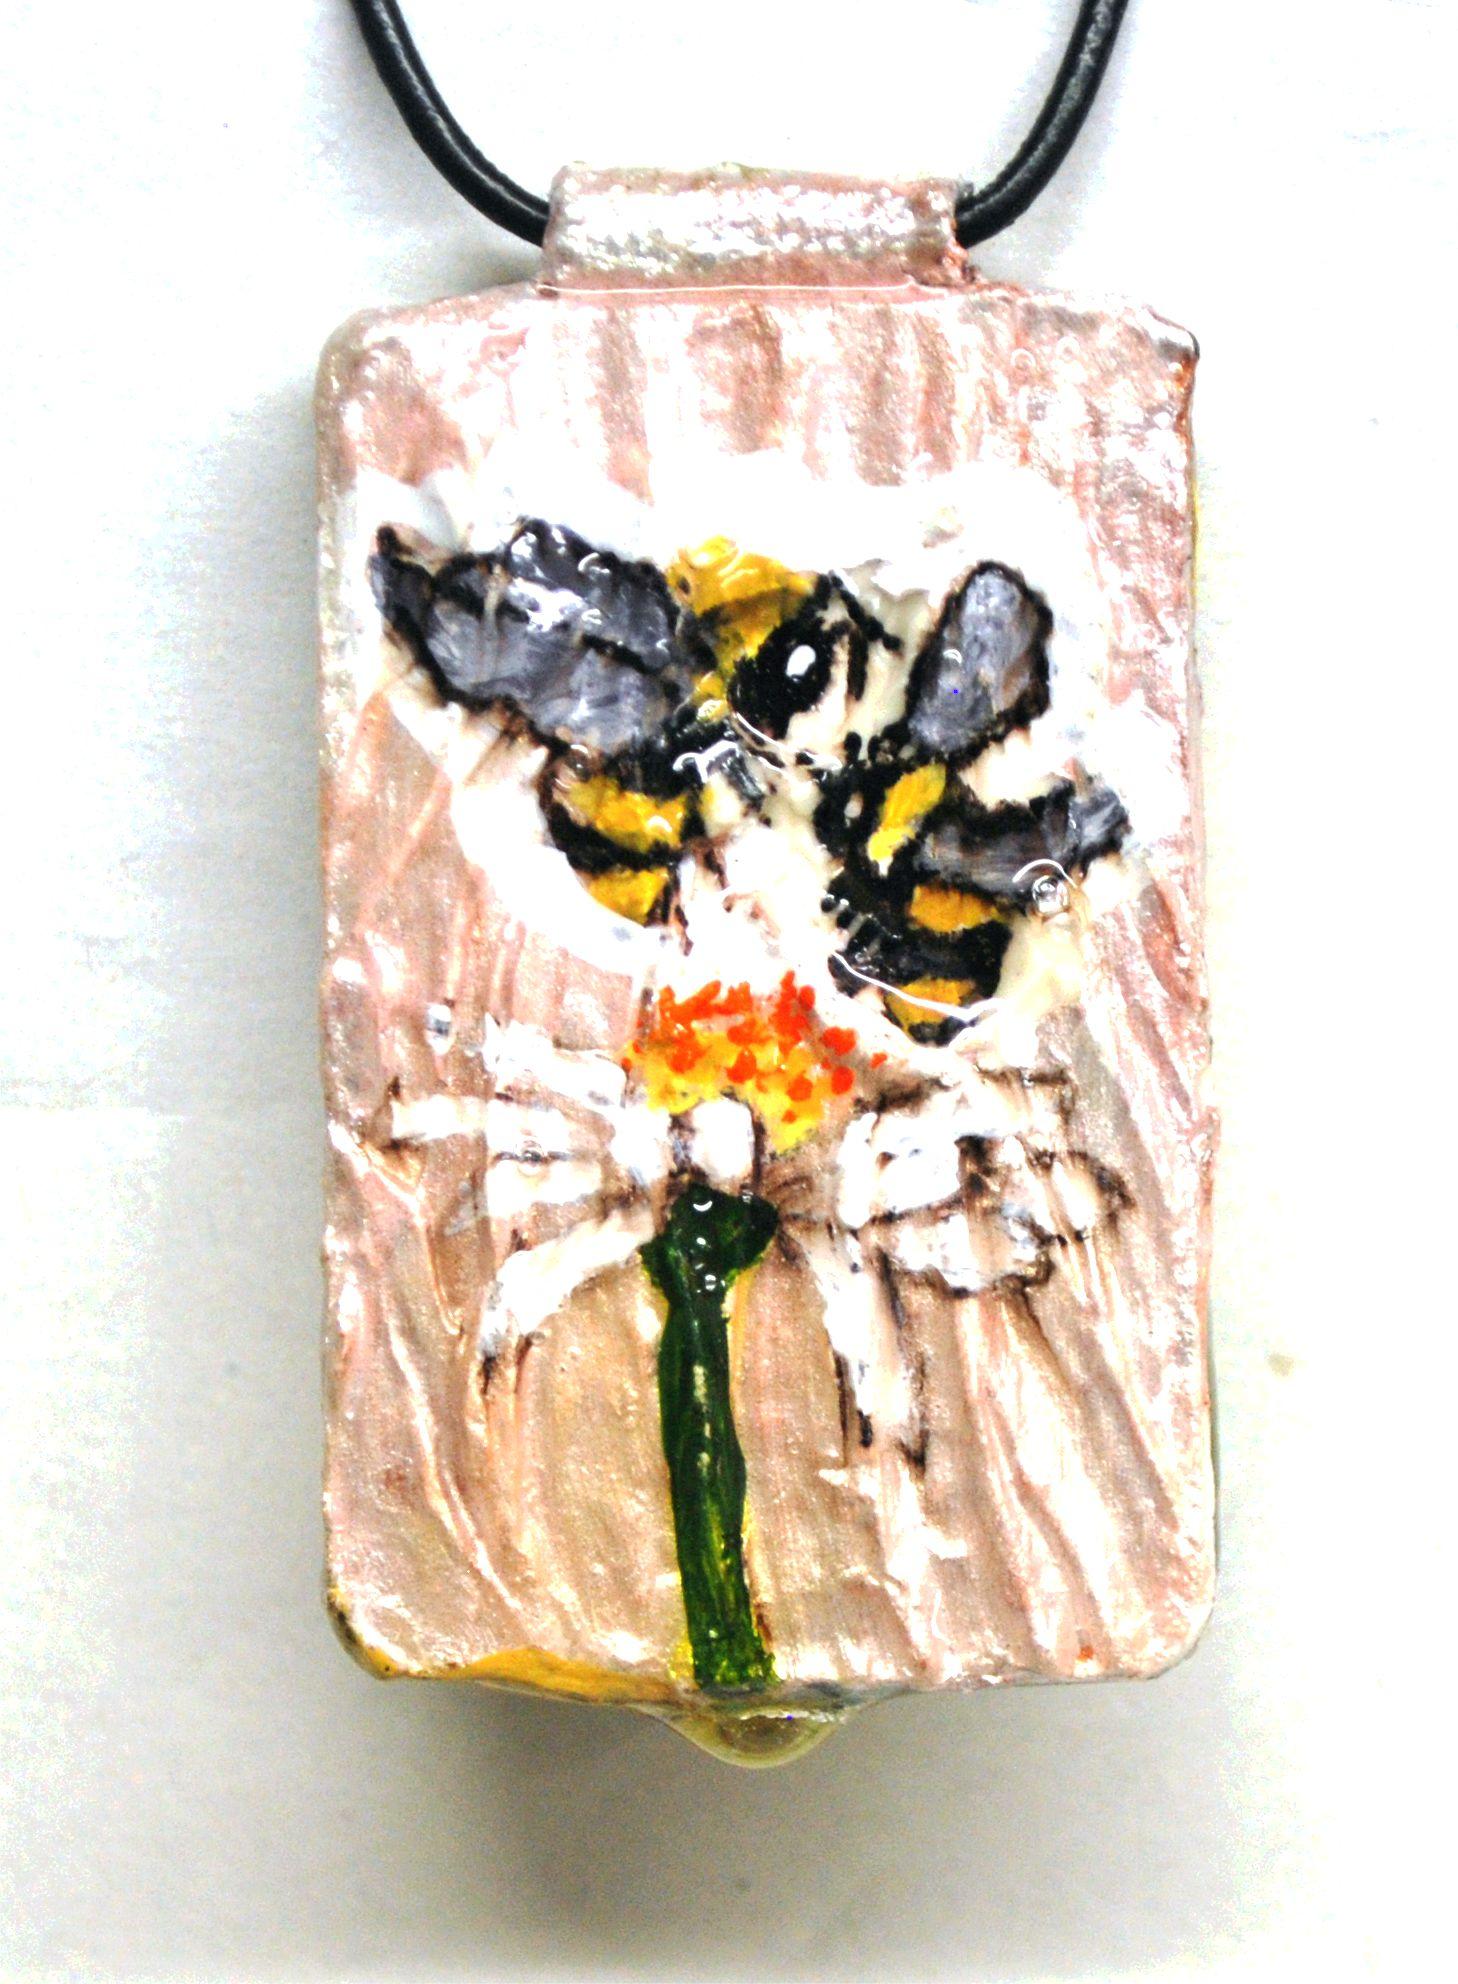 12-Bee Haven Pendant Side 2 - Crop